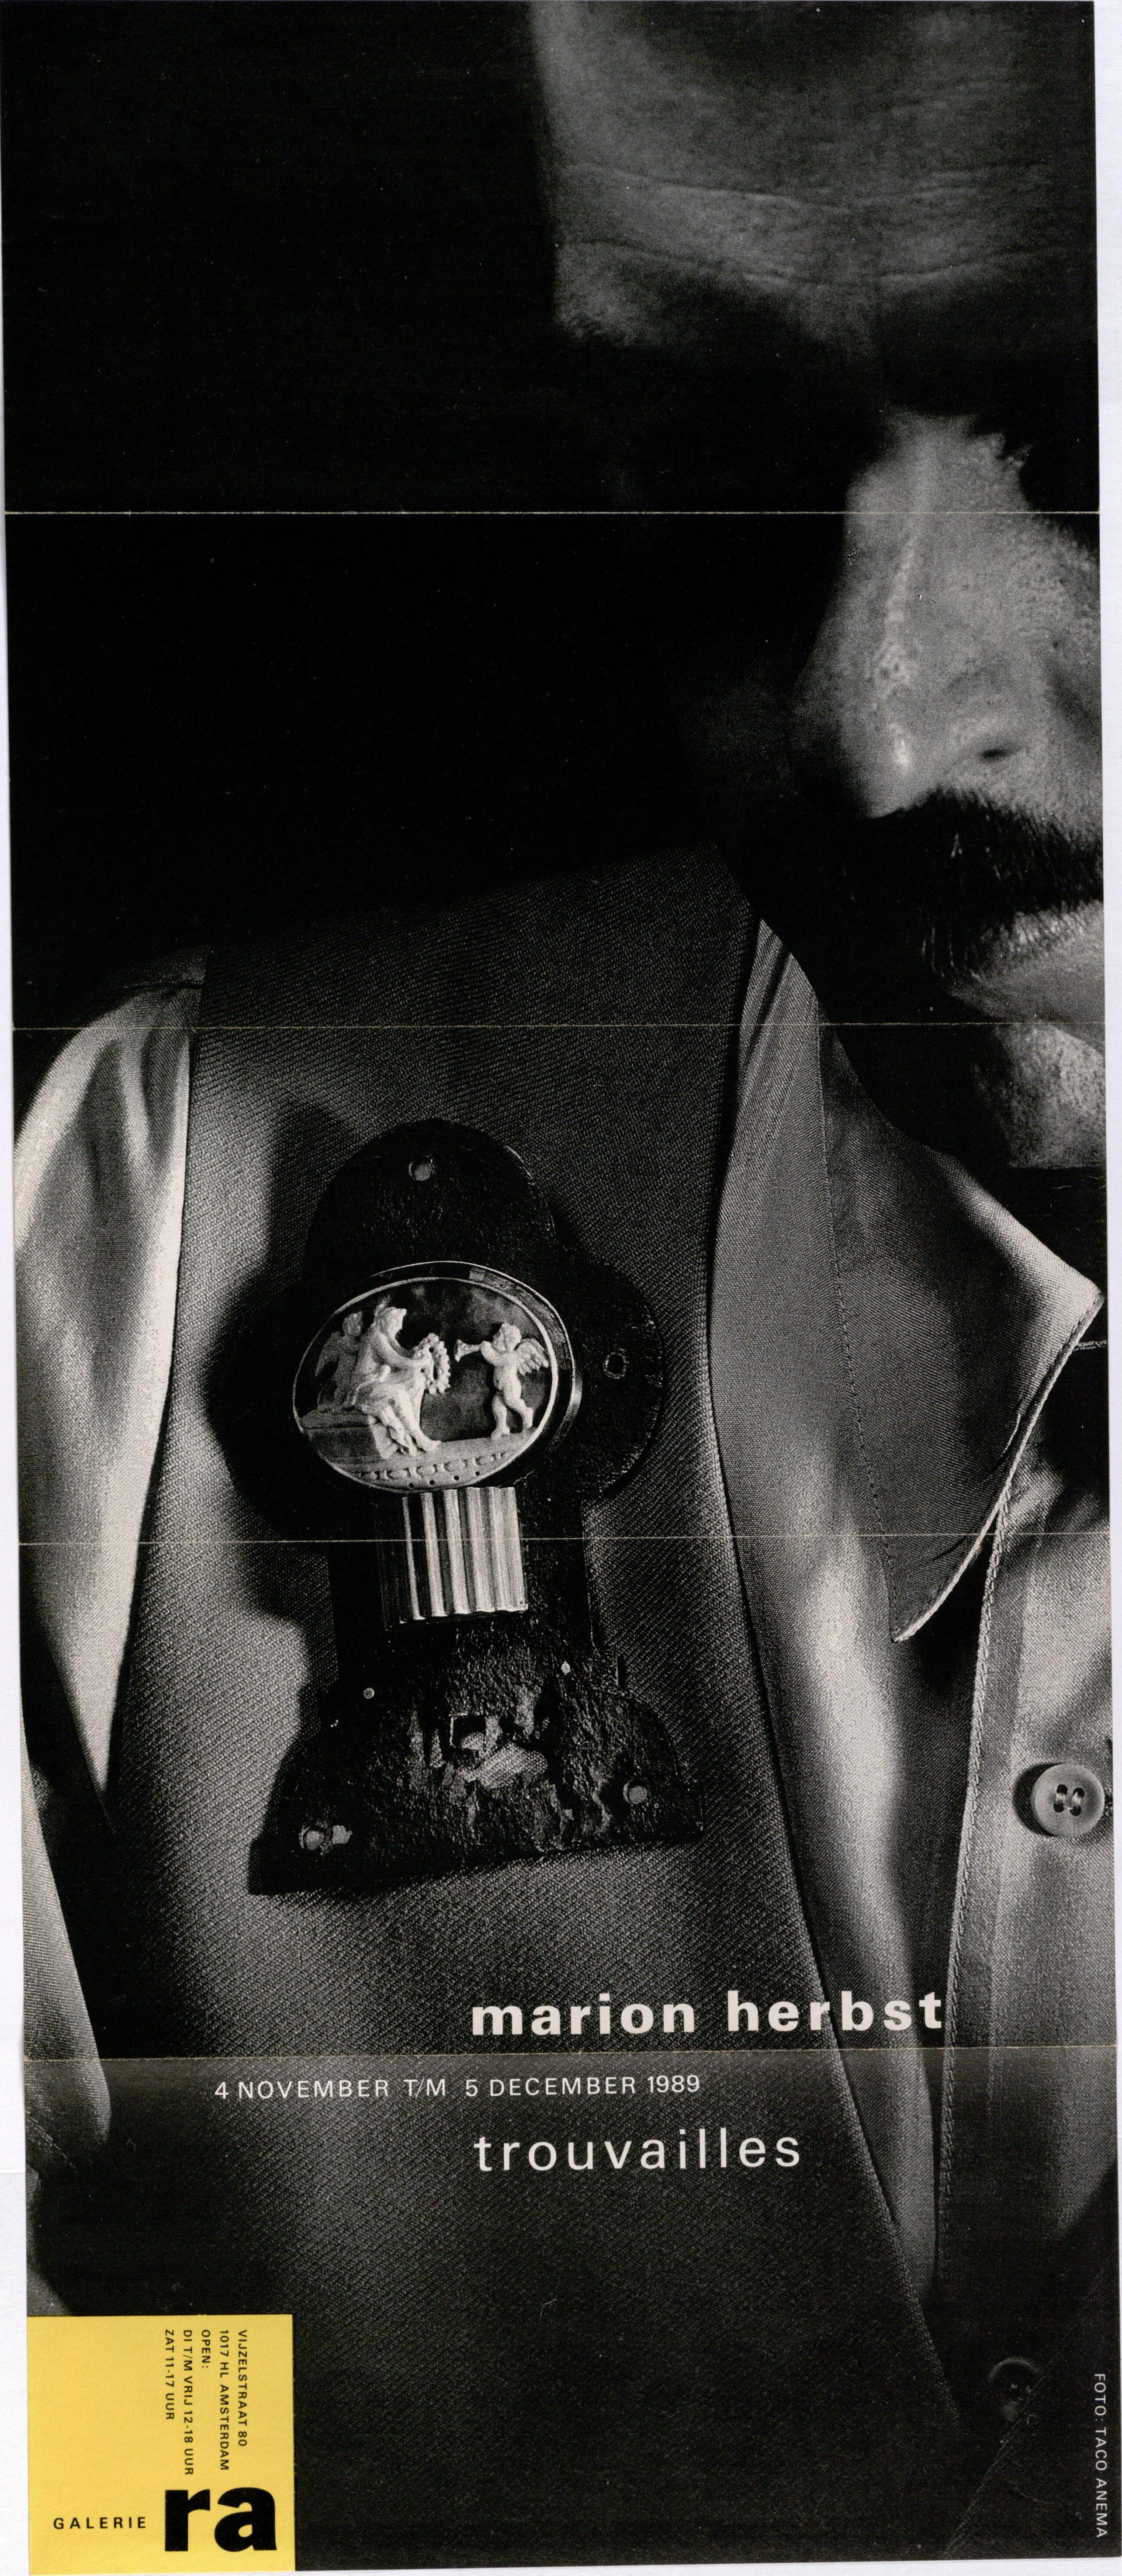 Ra Bulletin 51, november 1989, voorzijde met foto van Taco Anema met broche van Marion Herbst, drukwerk, papier, metaal